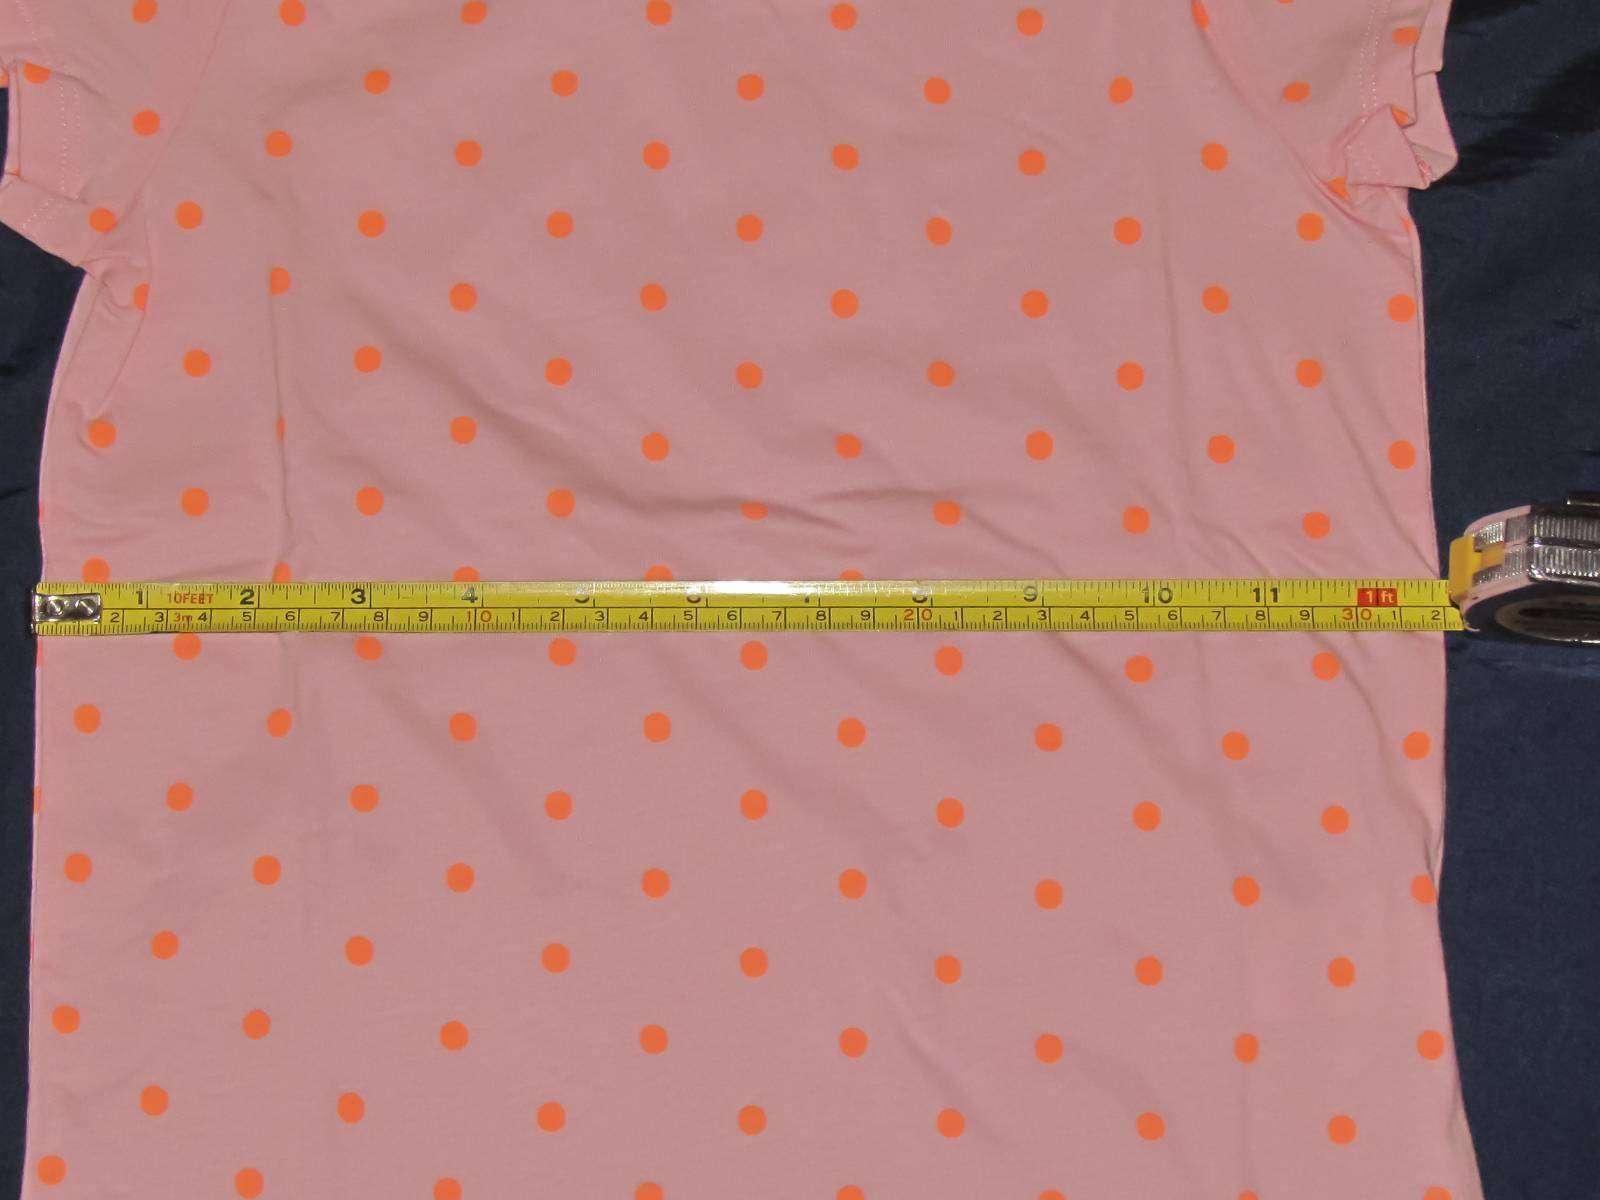 Childrens Place: Розовая в горошек футболочка для девочки 5-6 лет, размер S